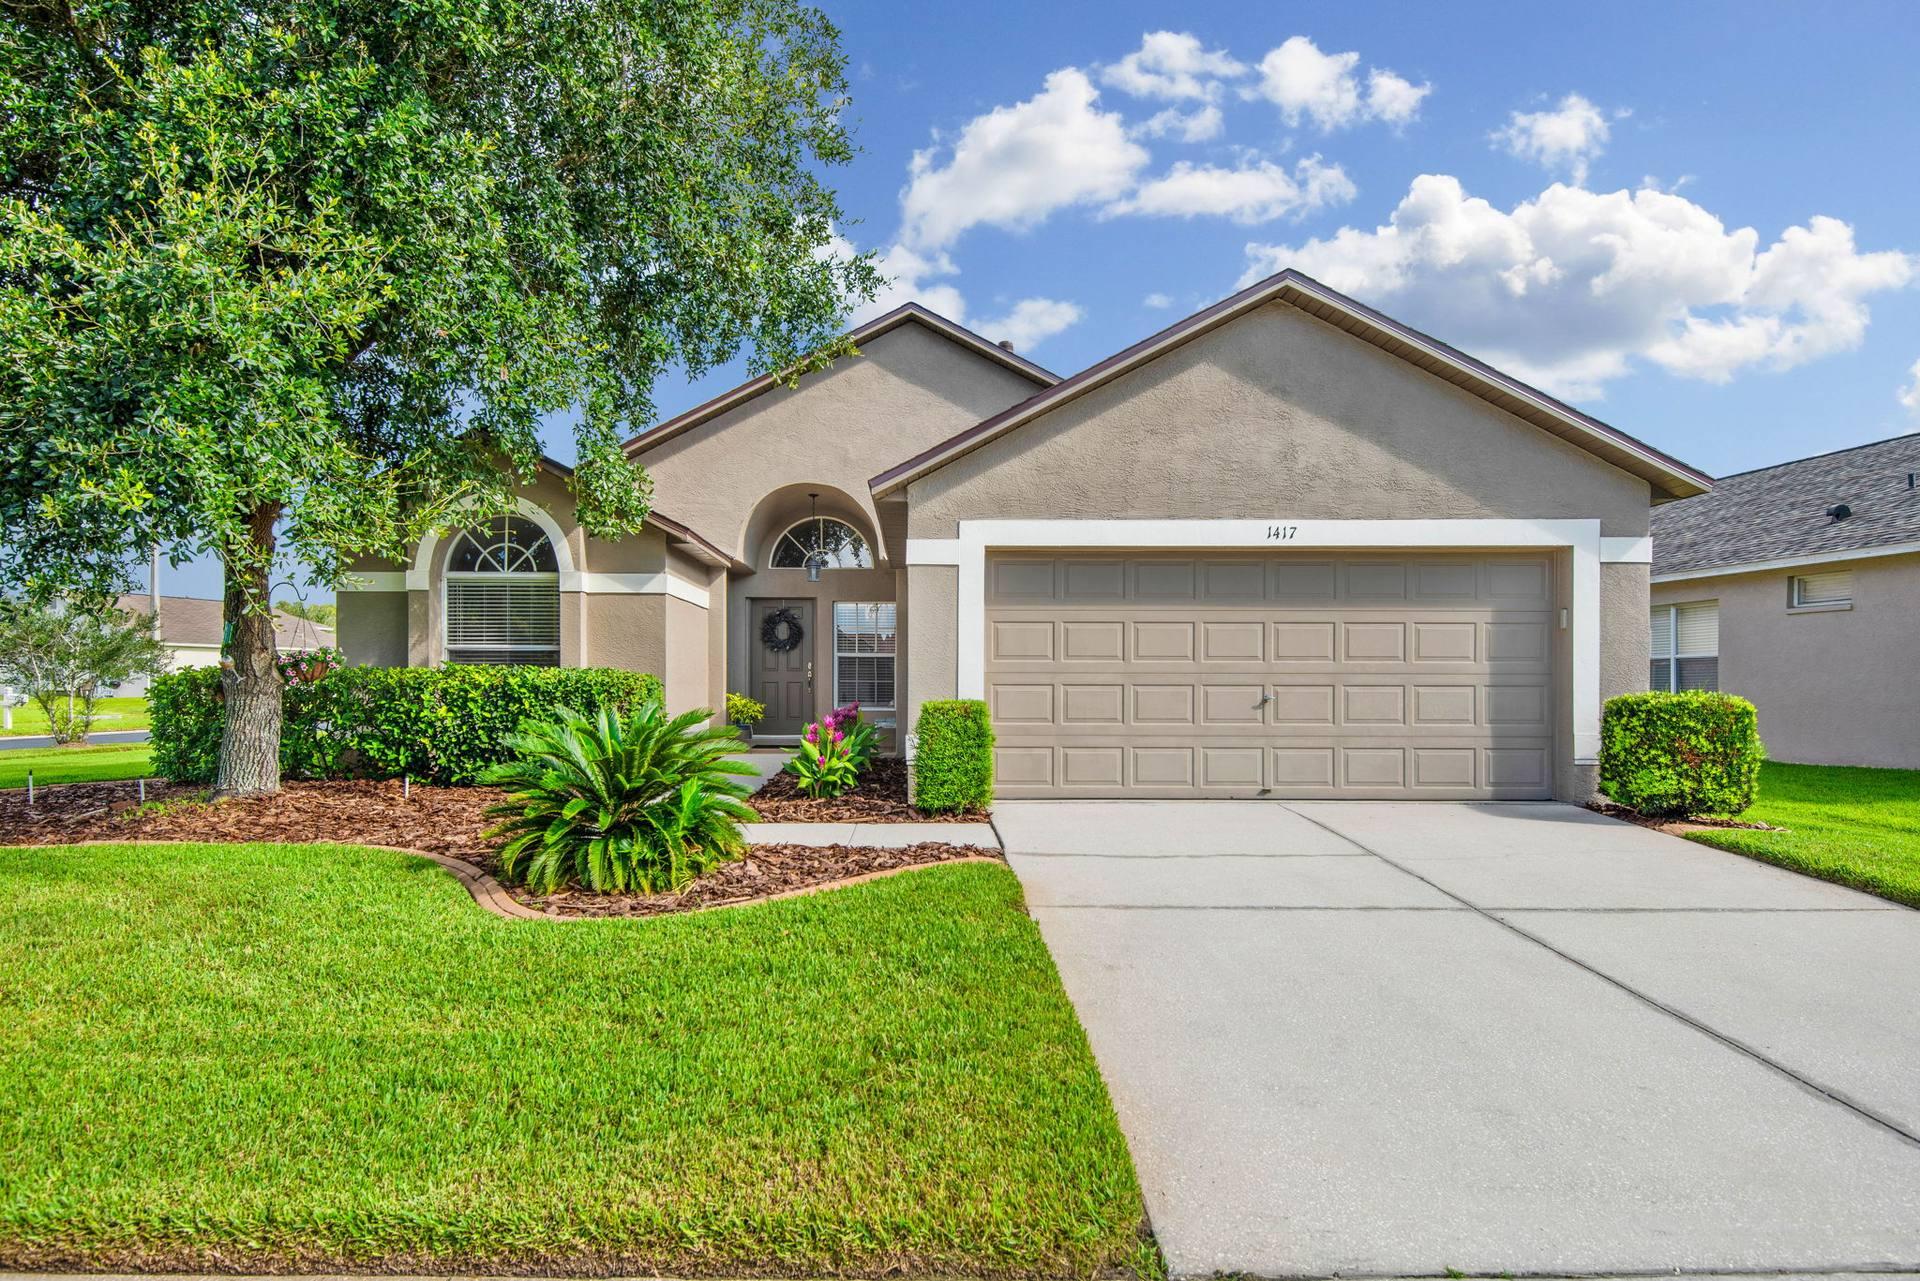 1417 Appleton Pl, Zephyrhills, FL 33543, USA